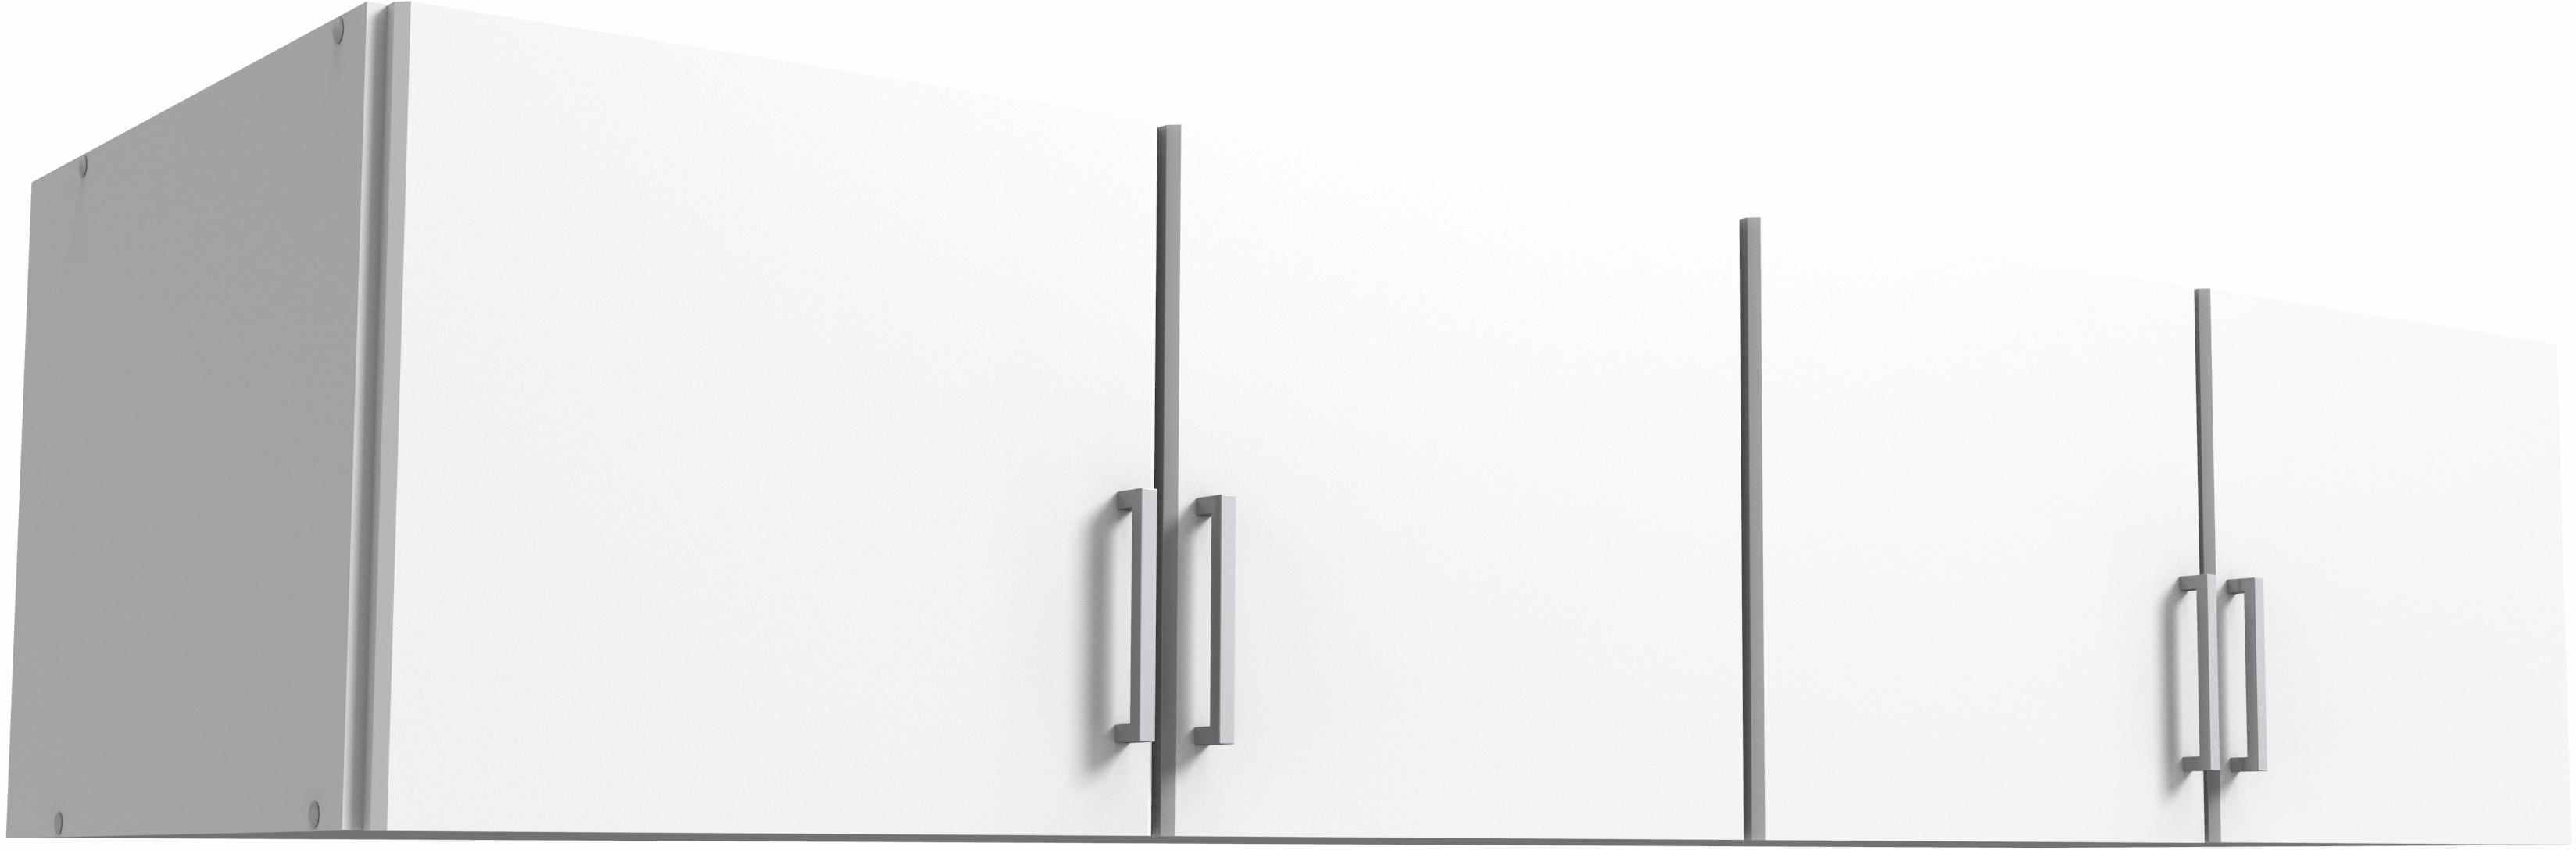 Wimex Schrankaufsatz Wohnen/Möbel/Zubehör für Möbel/Zubehör für Kleiderschränke